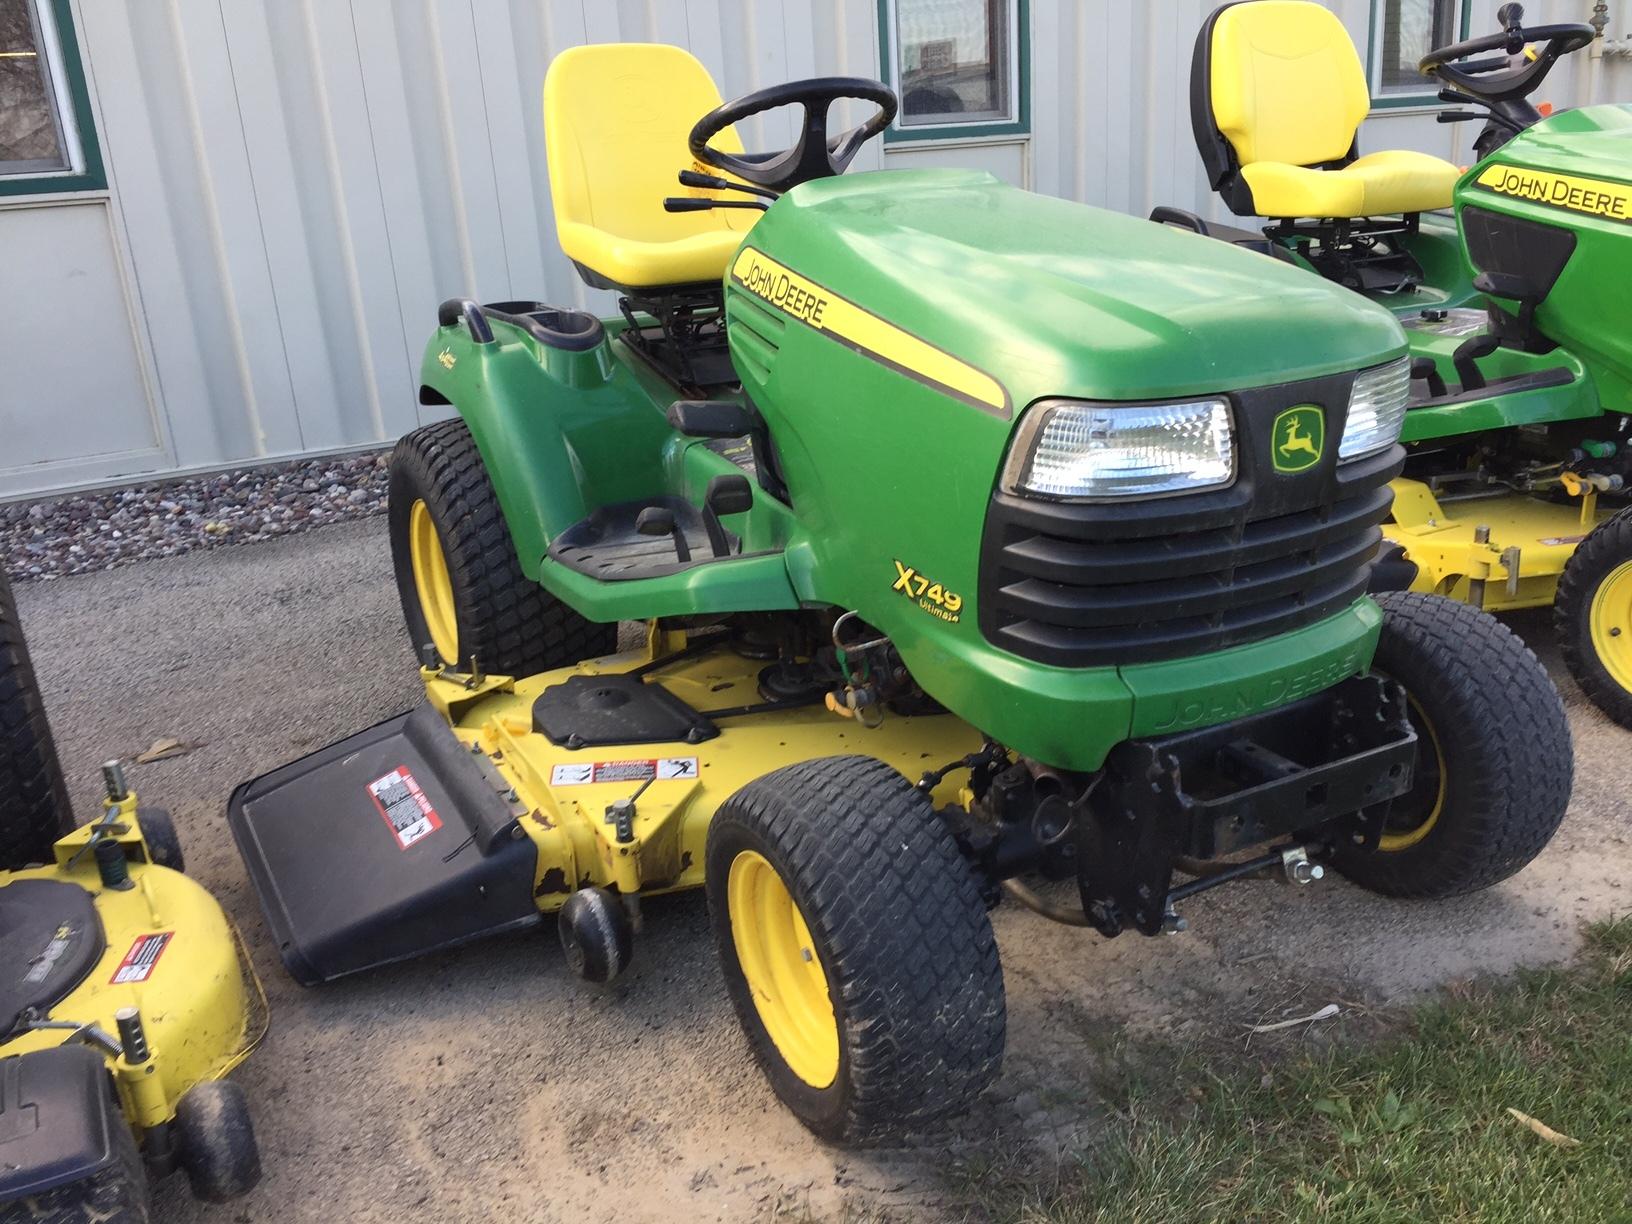 John Deere X749 Lawn & Garden Tractors for Sale | [65044]